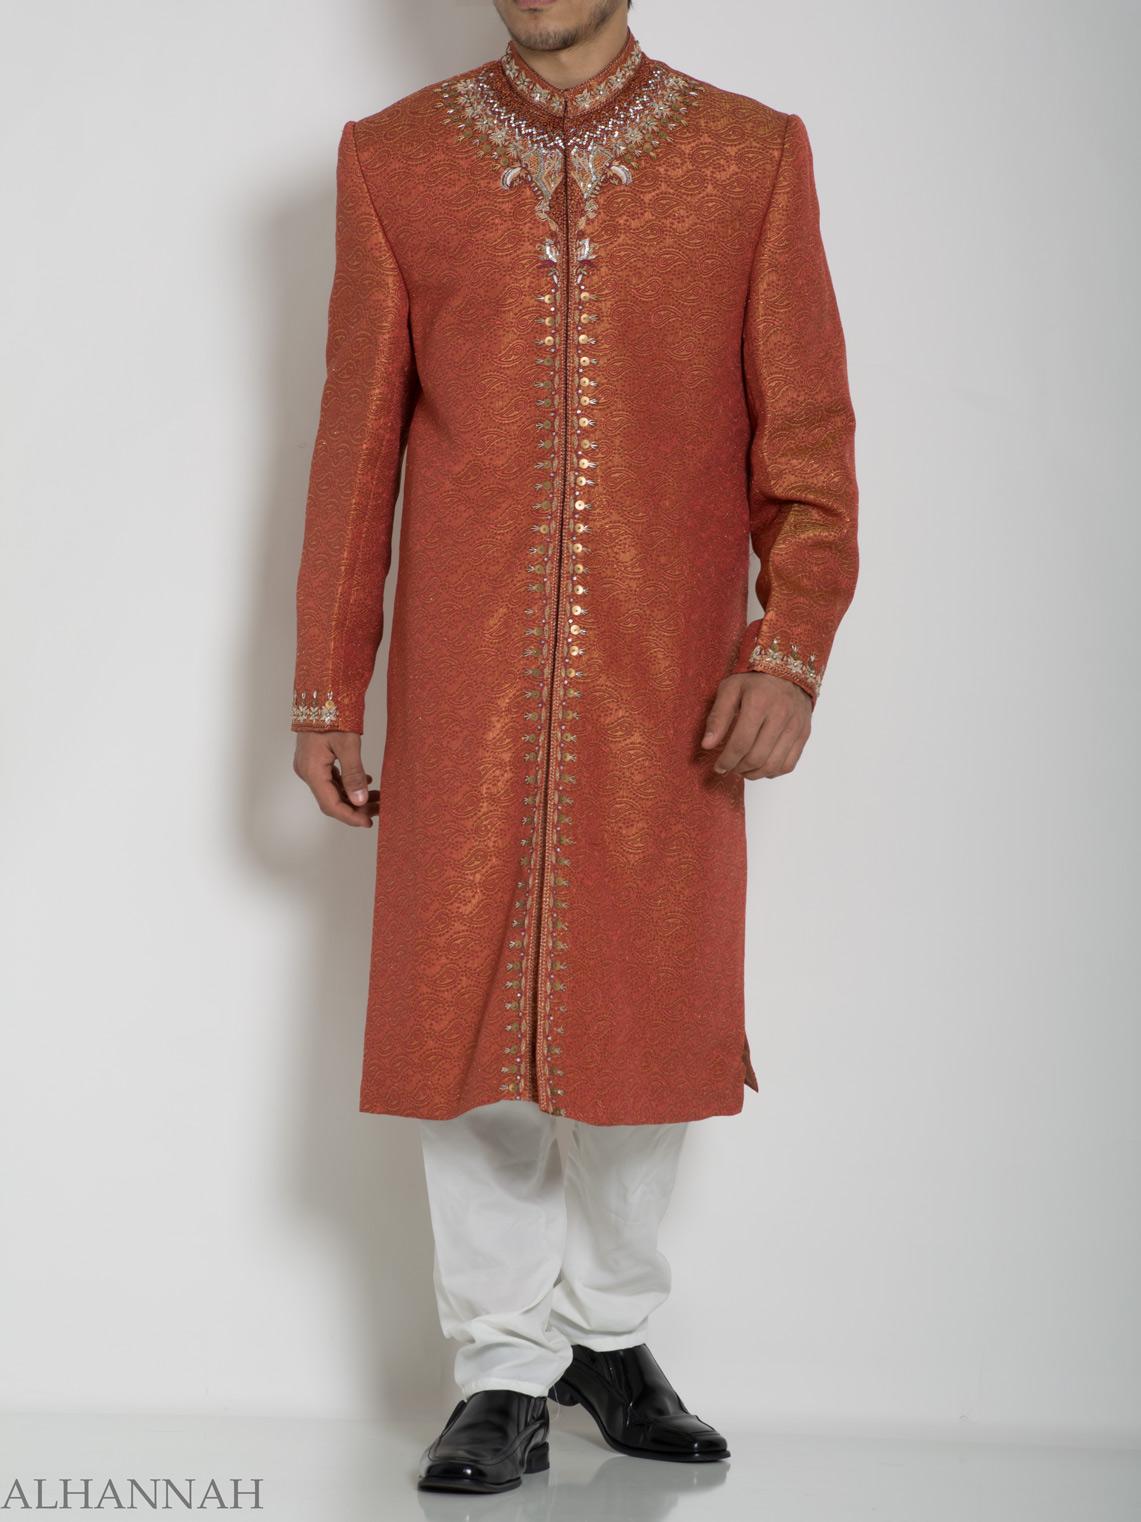 Orange Embellished Paisley Jacquard Designer Sherwani Jacket ME761 (5)